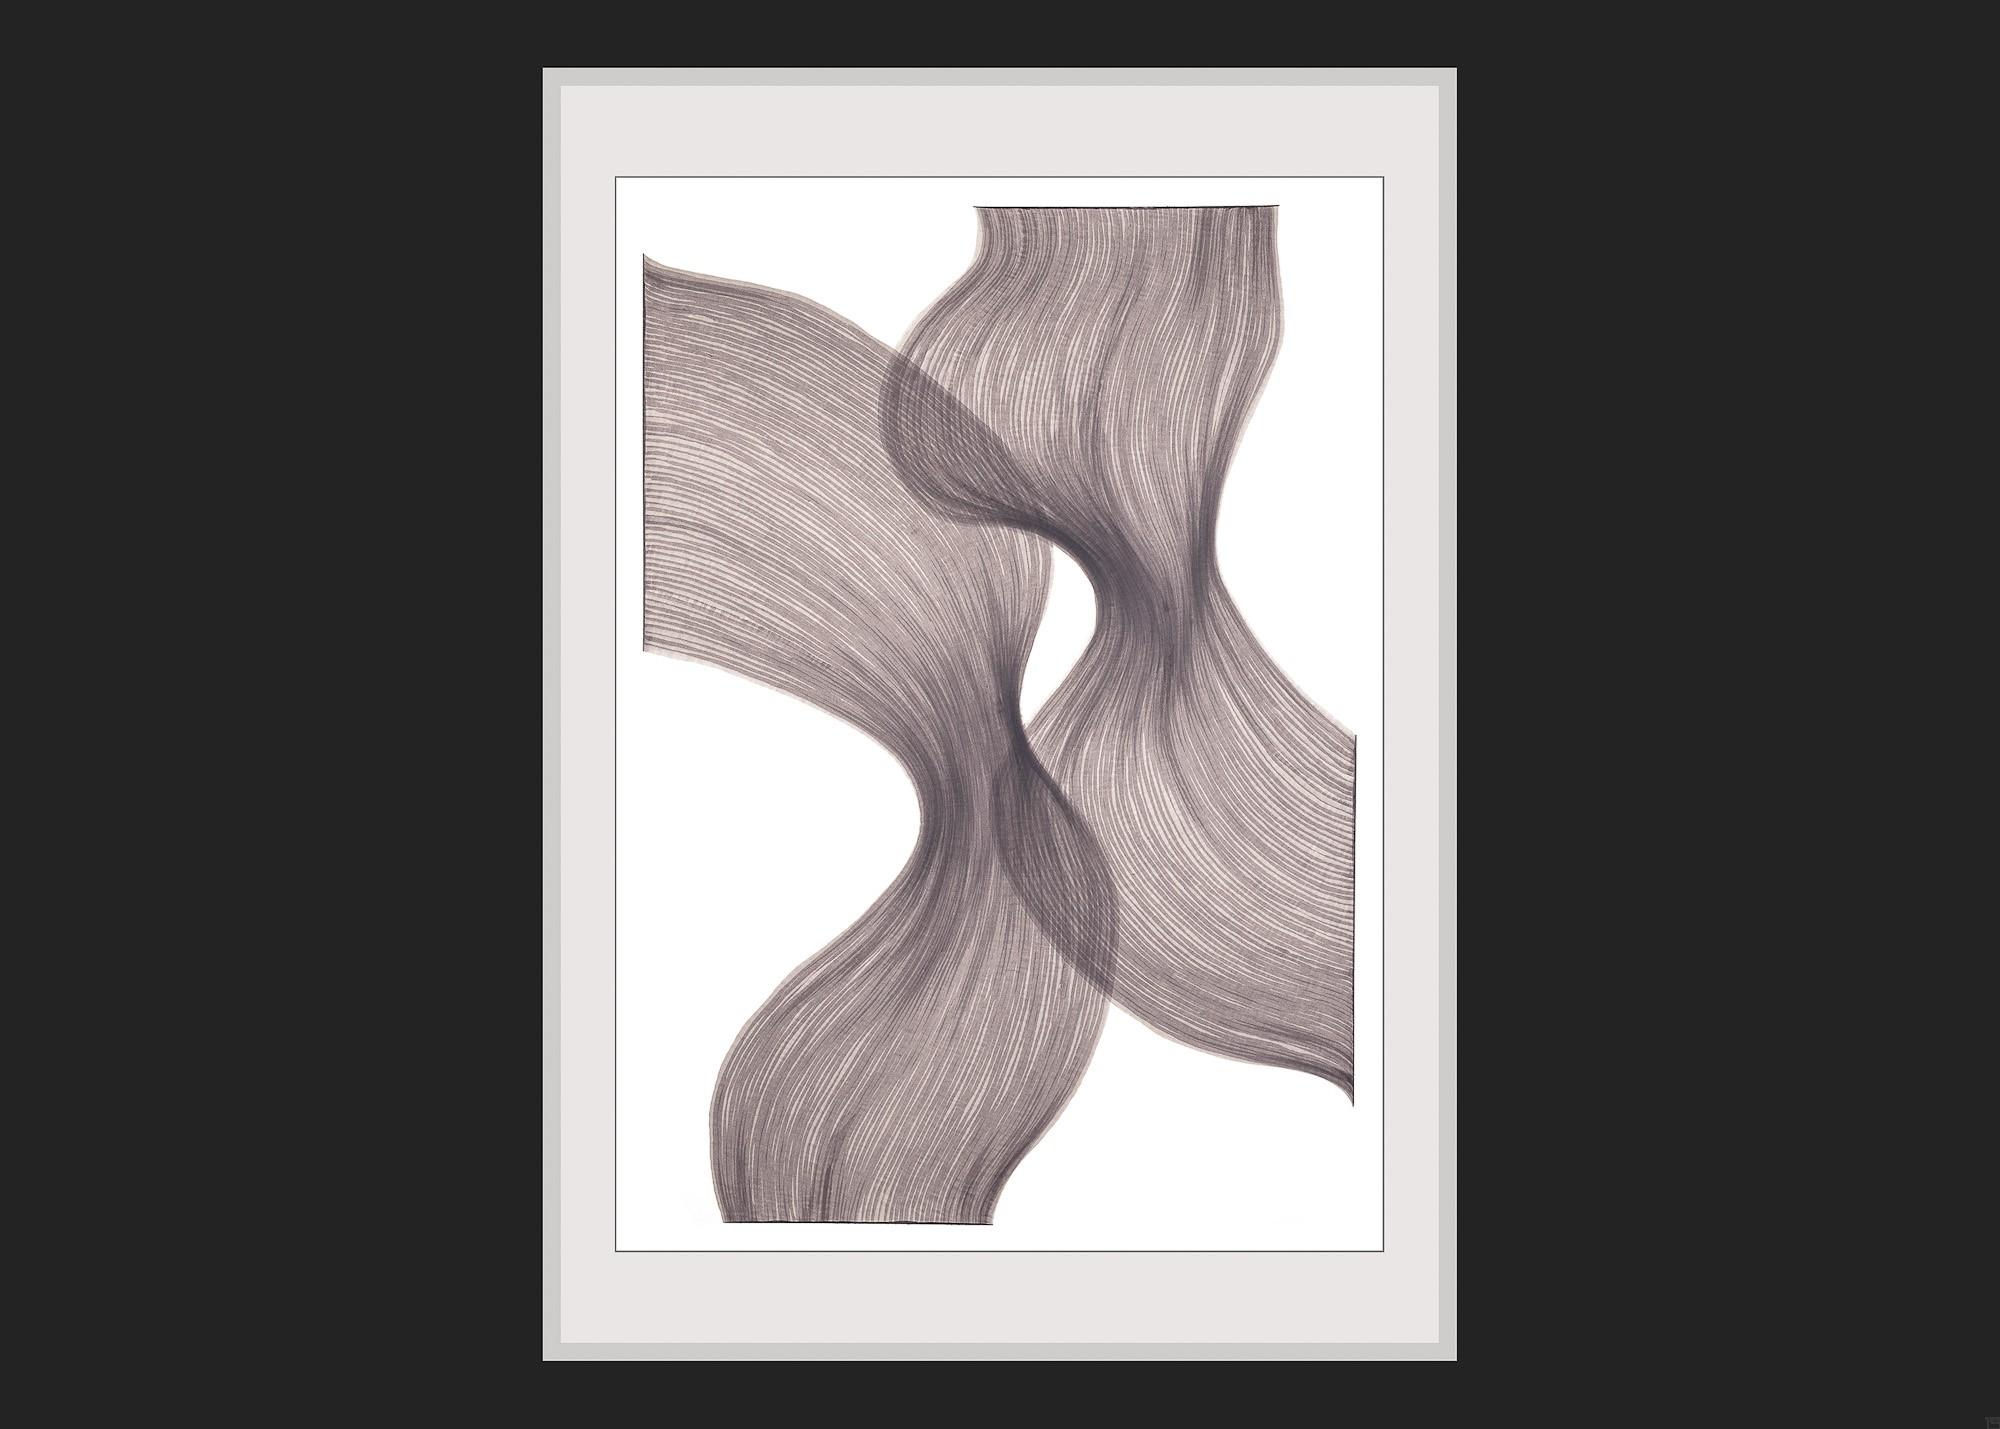 Smoky Lavender Sheer Folds | Lali Torma | Zeichnung | Kalligraphie-Tinte auf Papier - gerahmt